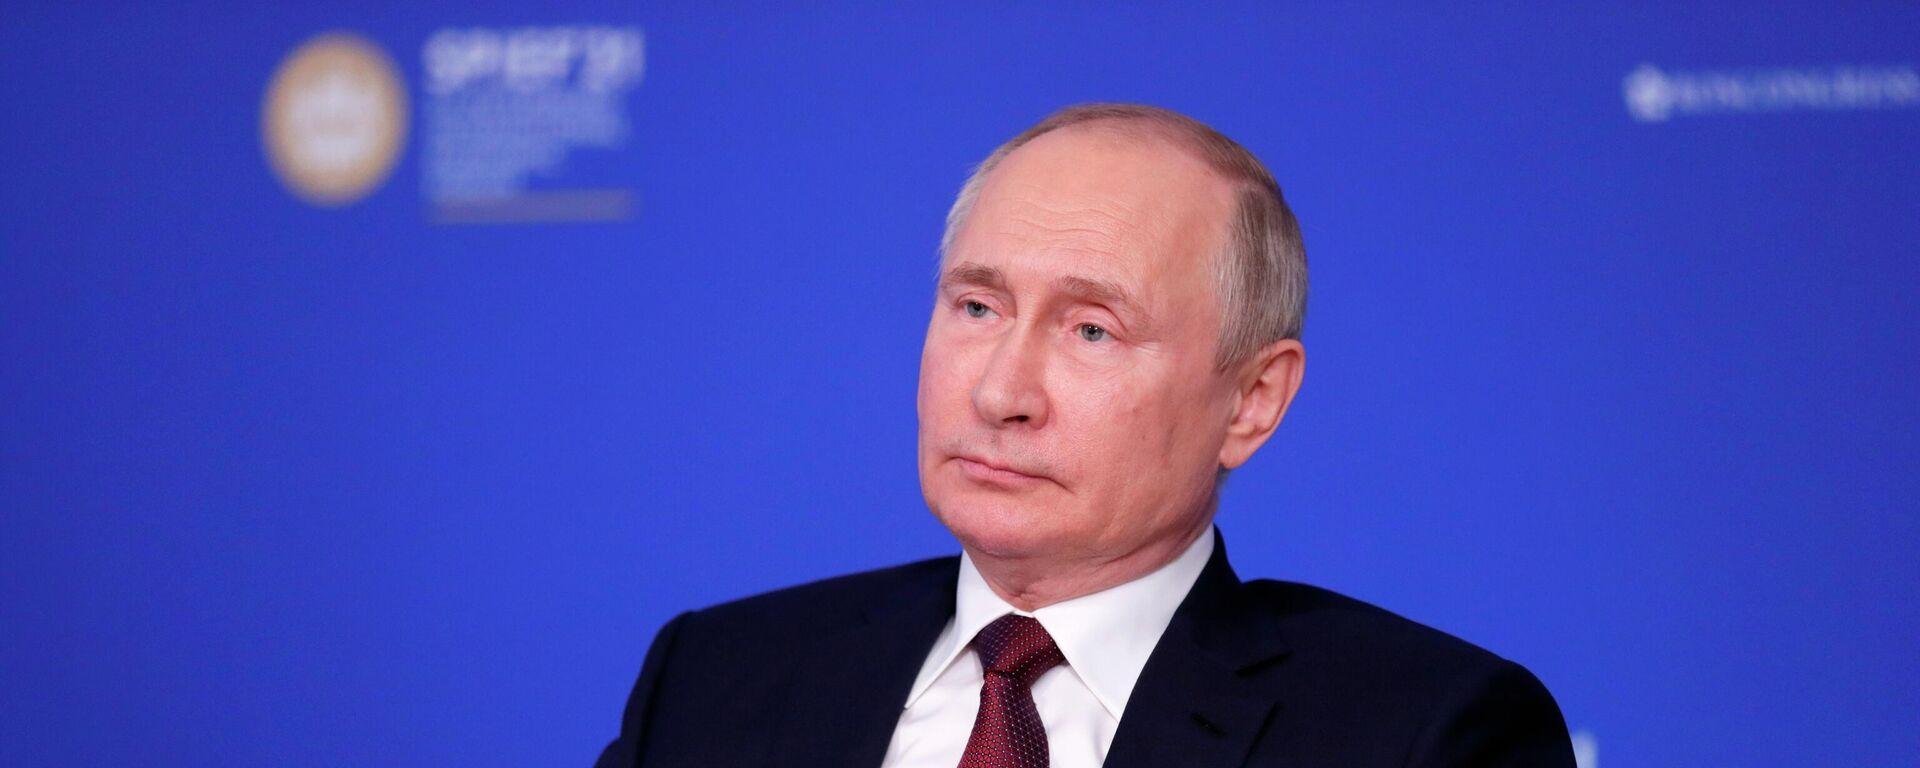 Президент РФ В. Путин провел встречу с руководителями ведущих мировых информационных агентств - Sputnik Латвия, 1920, 13.06.2021